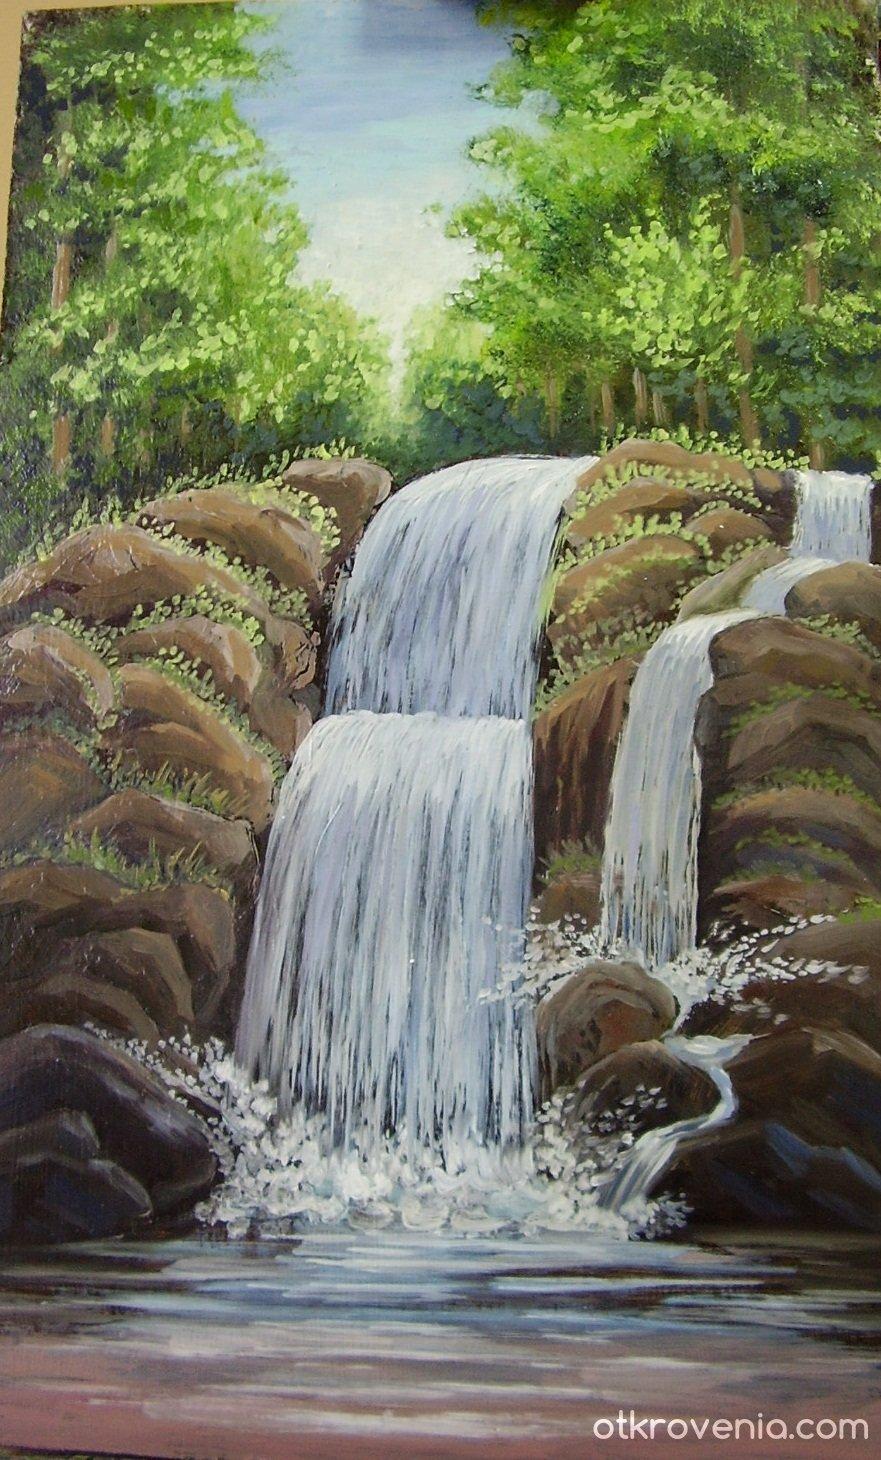 фотосессию студии как нарисовать картинки водопадов с камнями панорамными